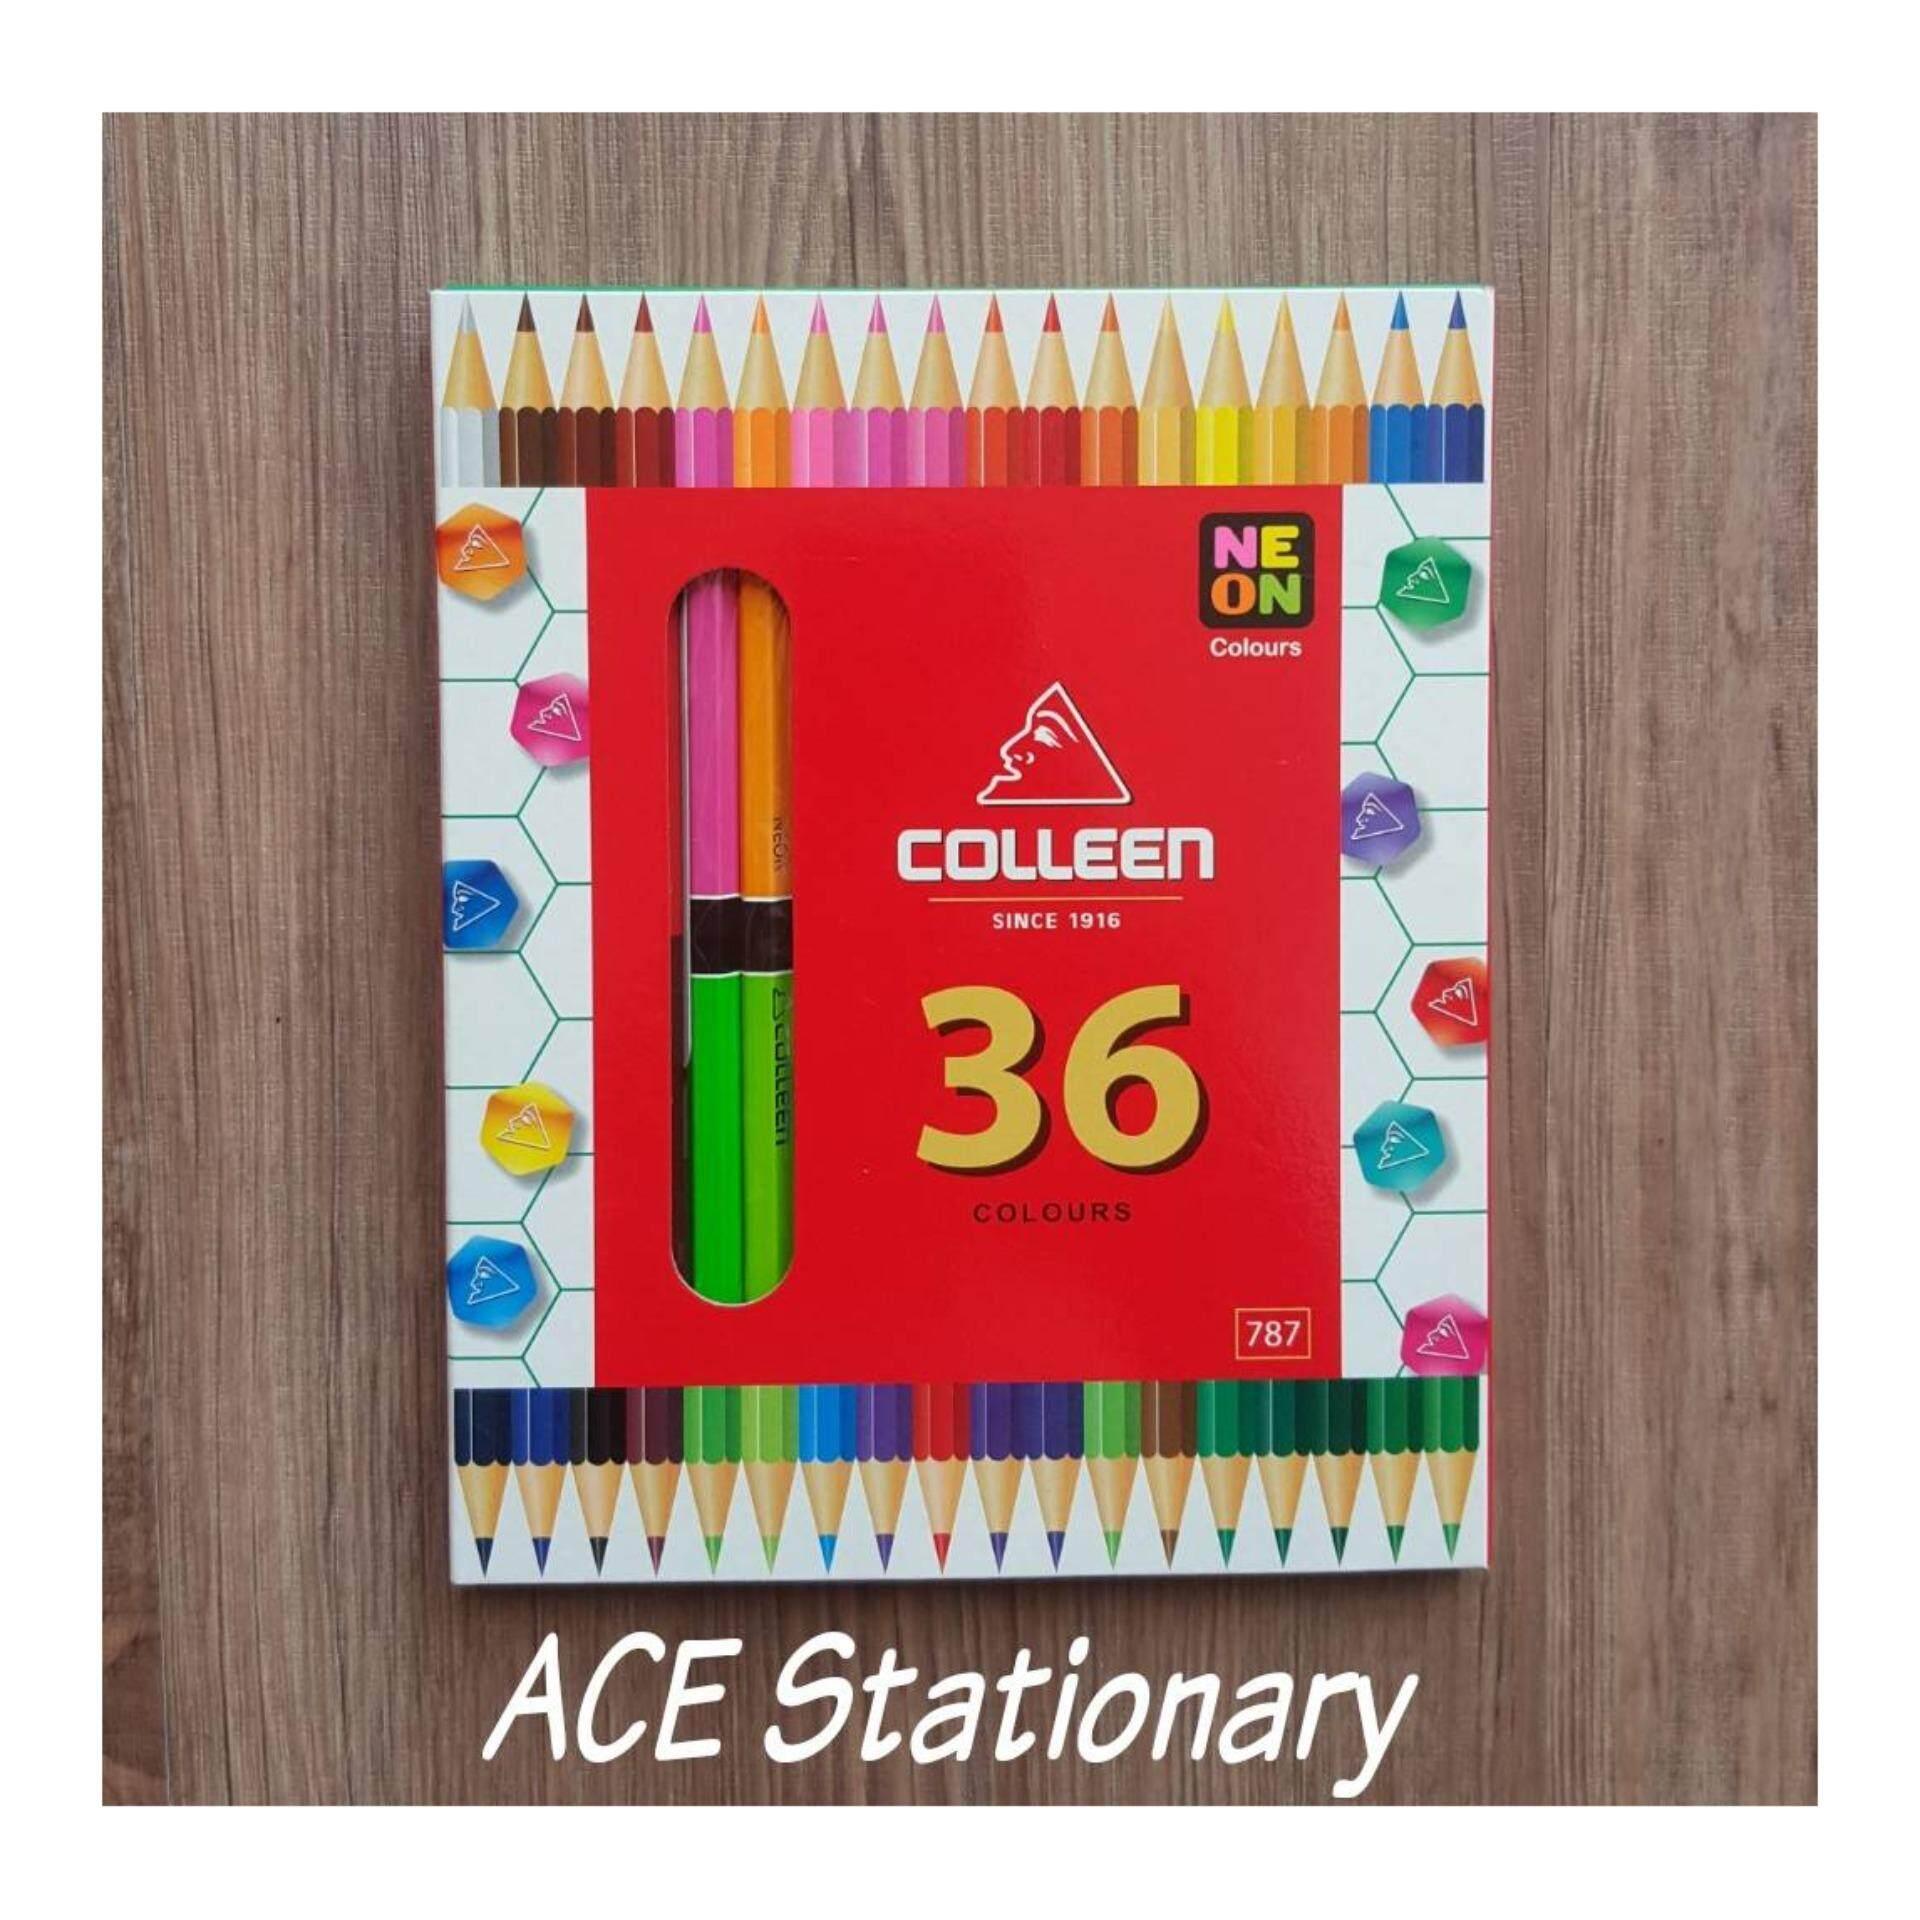 Colleen ดินสอสีไม้ คลอลีน 2 หัว 18 แท่ง 36 สี  รุ่น787 (สีธรรมดา+สะท้อนแสง).